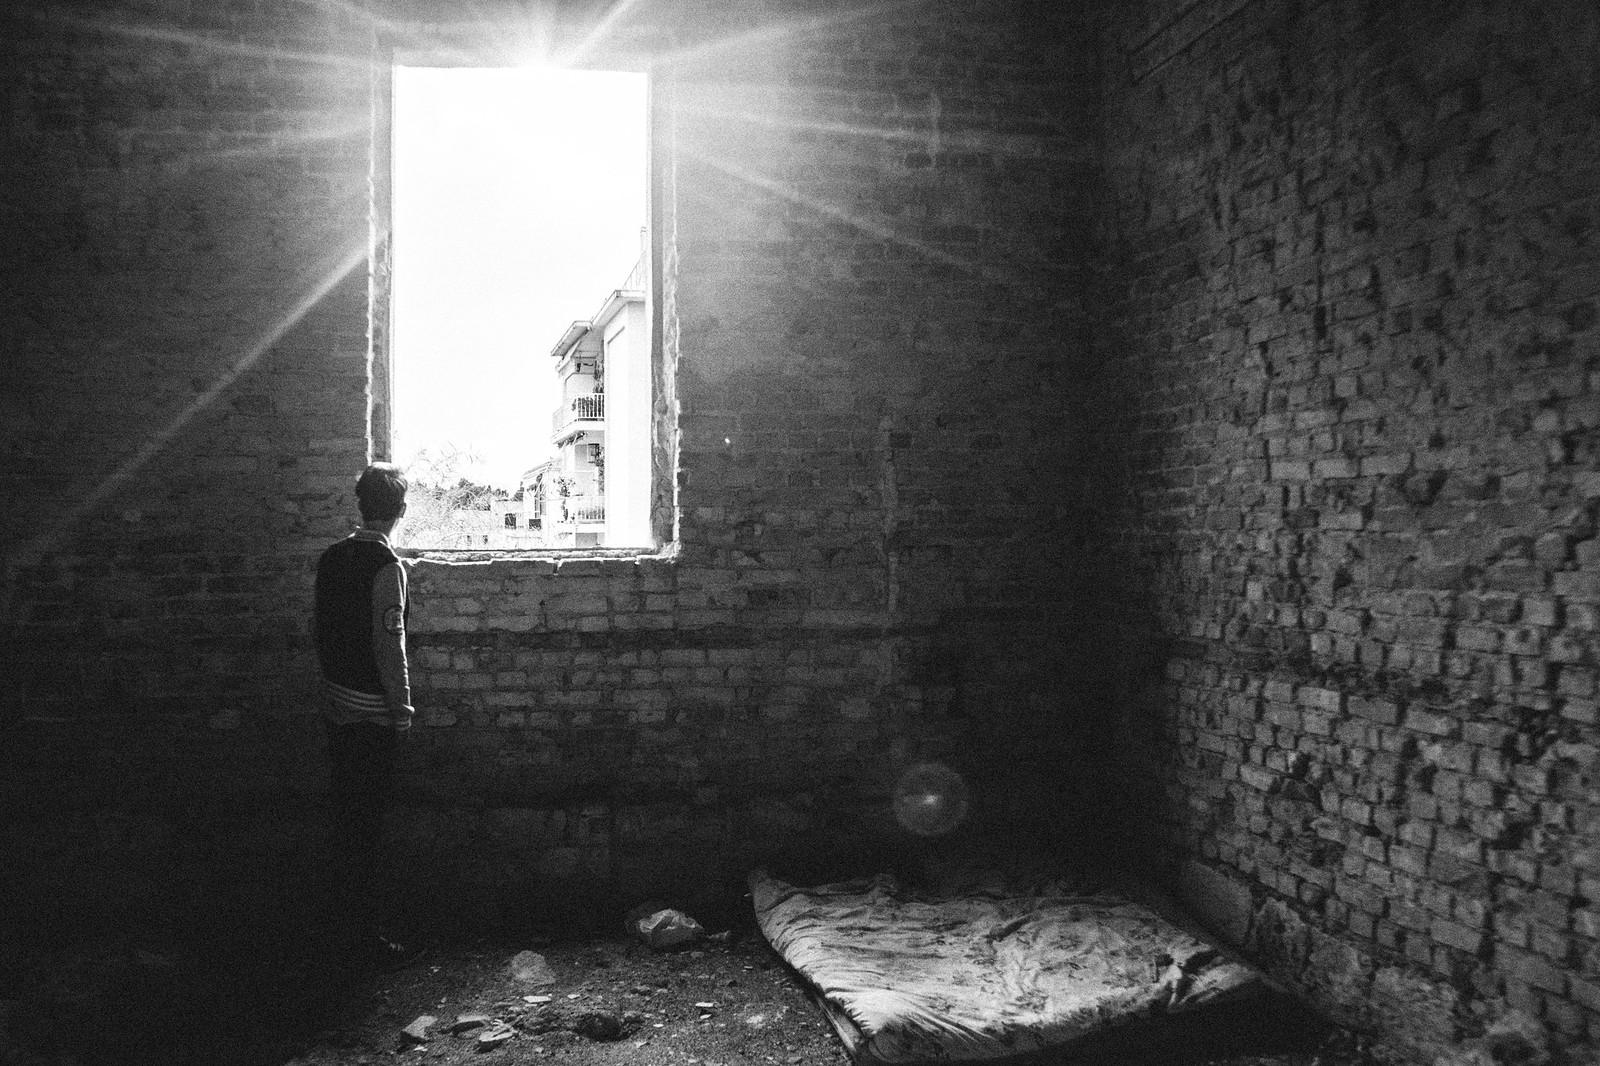 Prisoning | by Tsiolis Alexandros